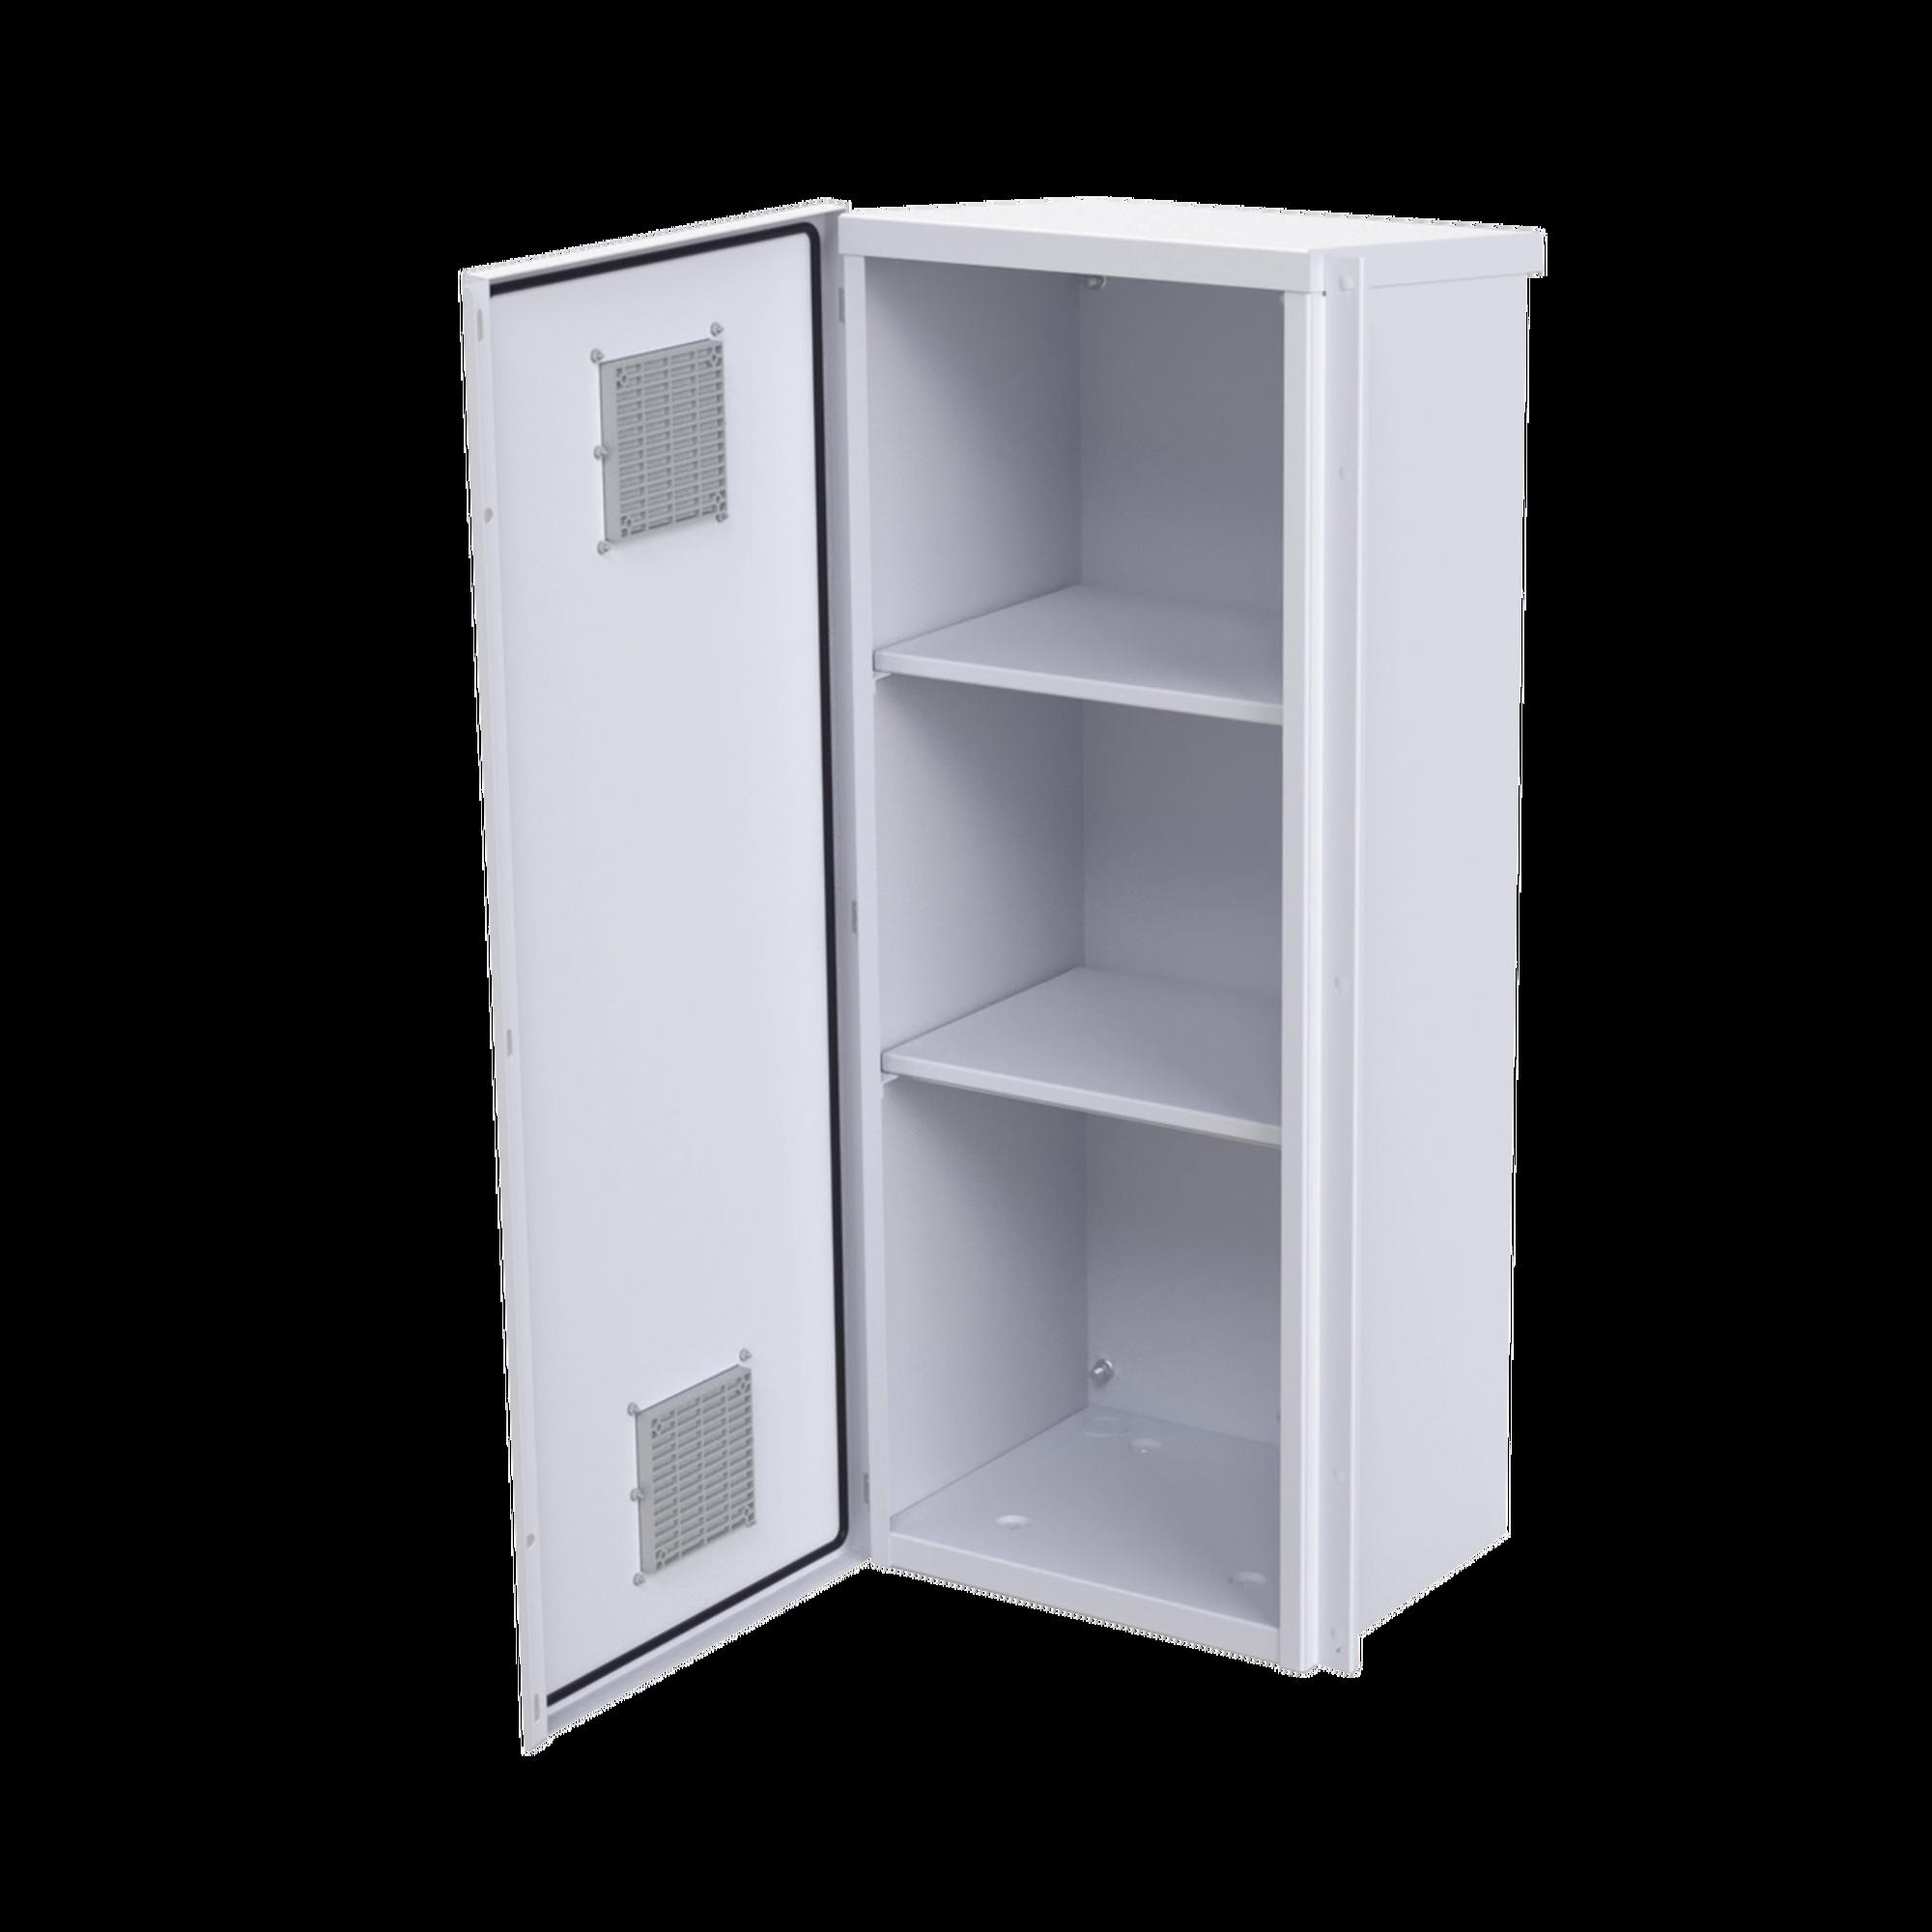 Gabinete Acero Galv. para 3 Bat. PL110D12. Puerta Ventilada. Acc. de piso o poste No incluidos (400 x 1060 x 300mm).